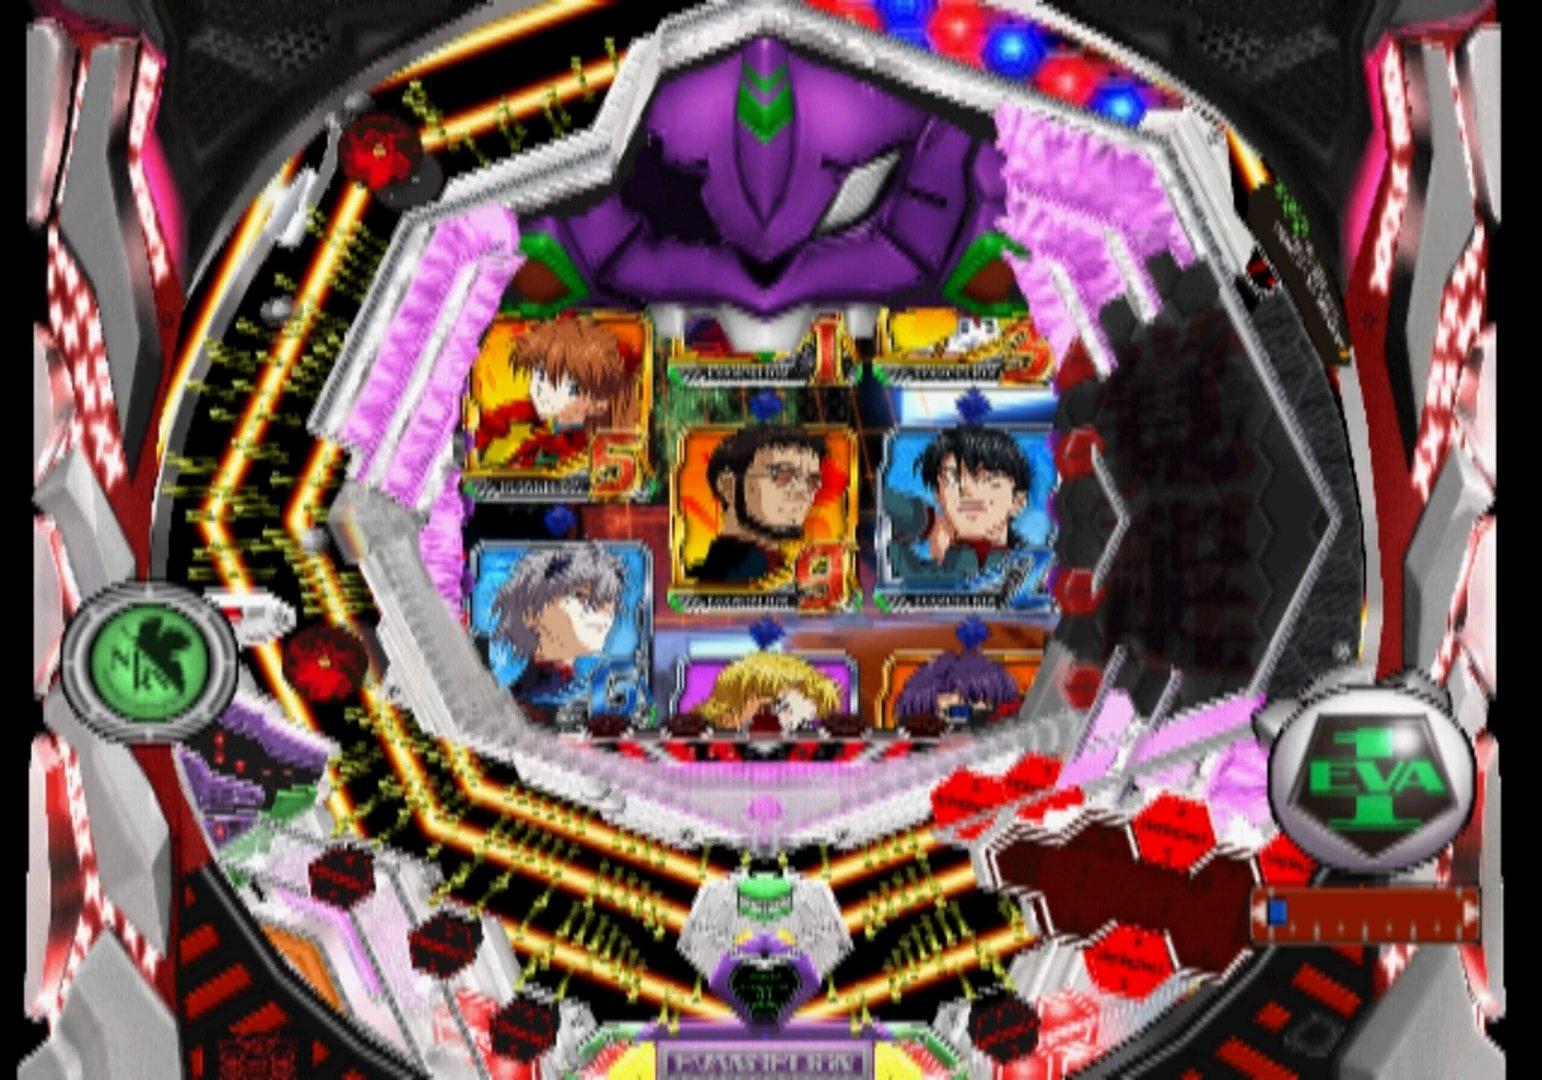 Hisshou PachinkoPachi-Slot Kouryoku Series Vol 14 CR Shinseiki Evangelion Saigo no Mono Gameplay HD 1080p PS2